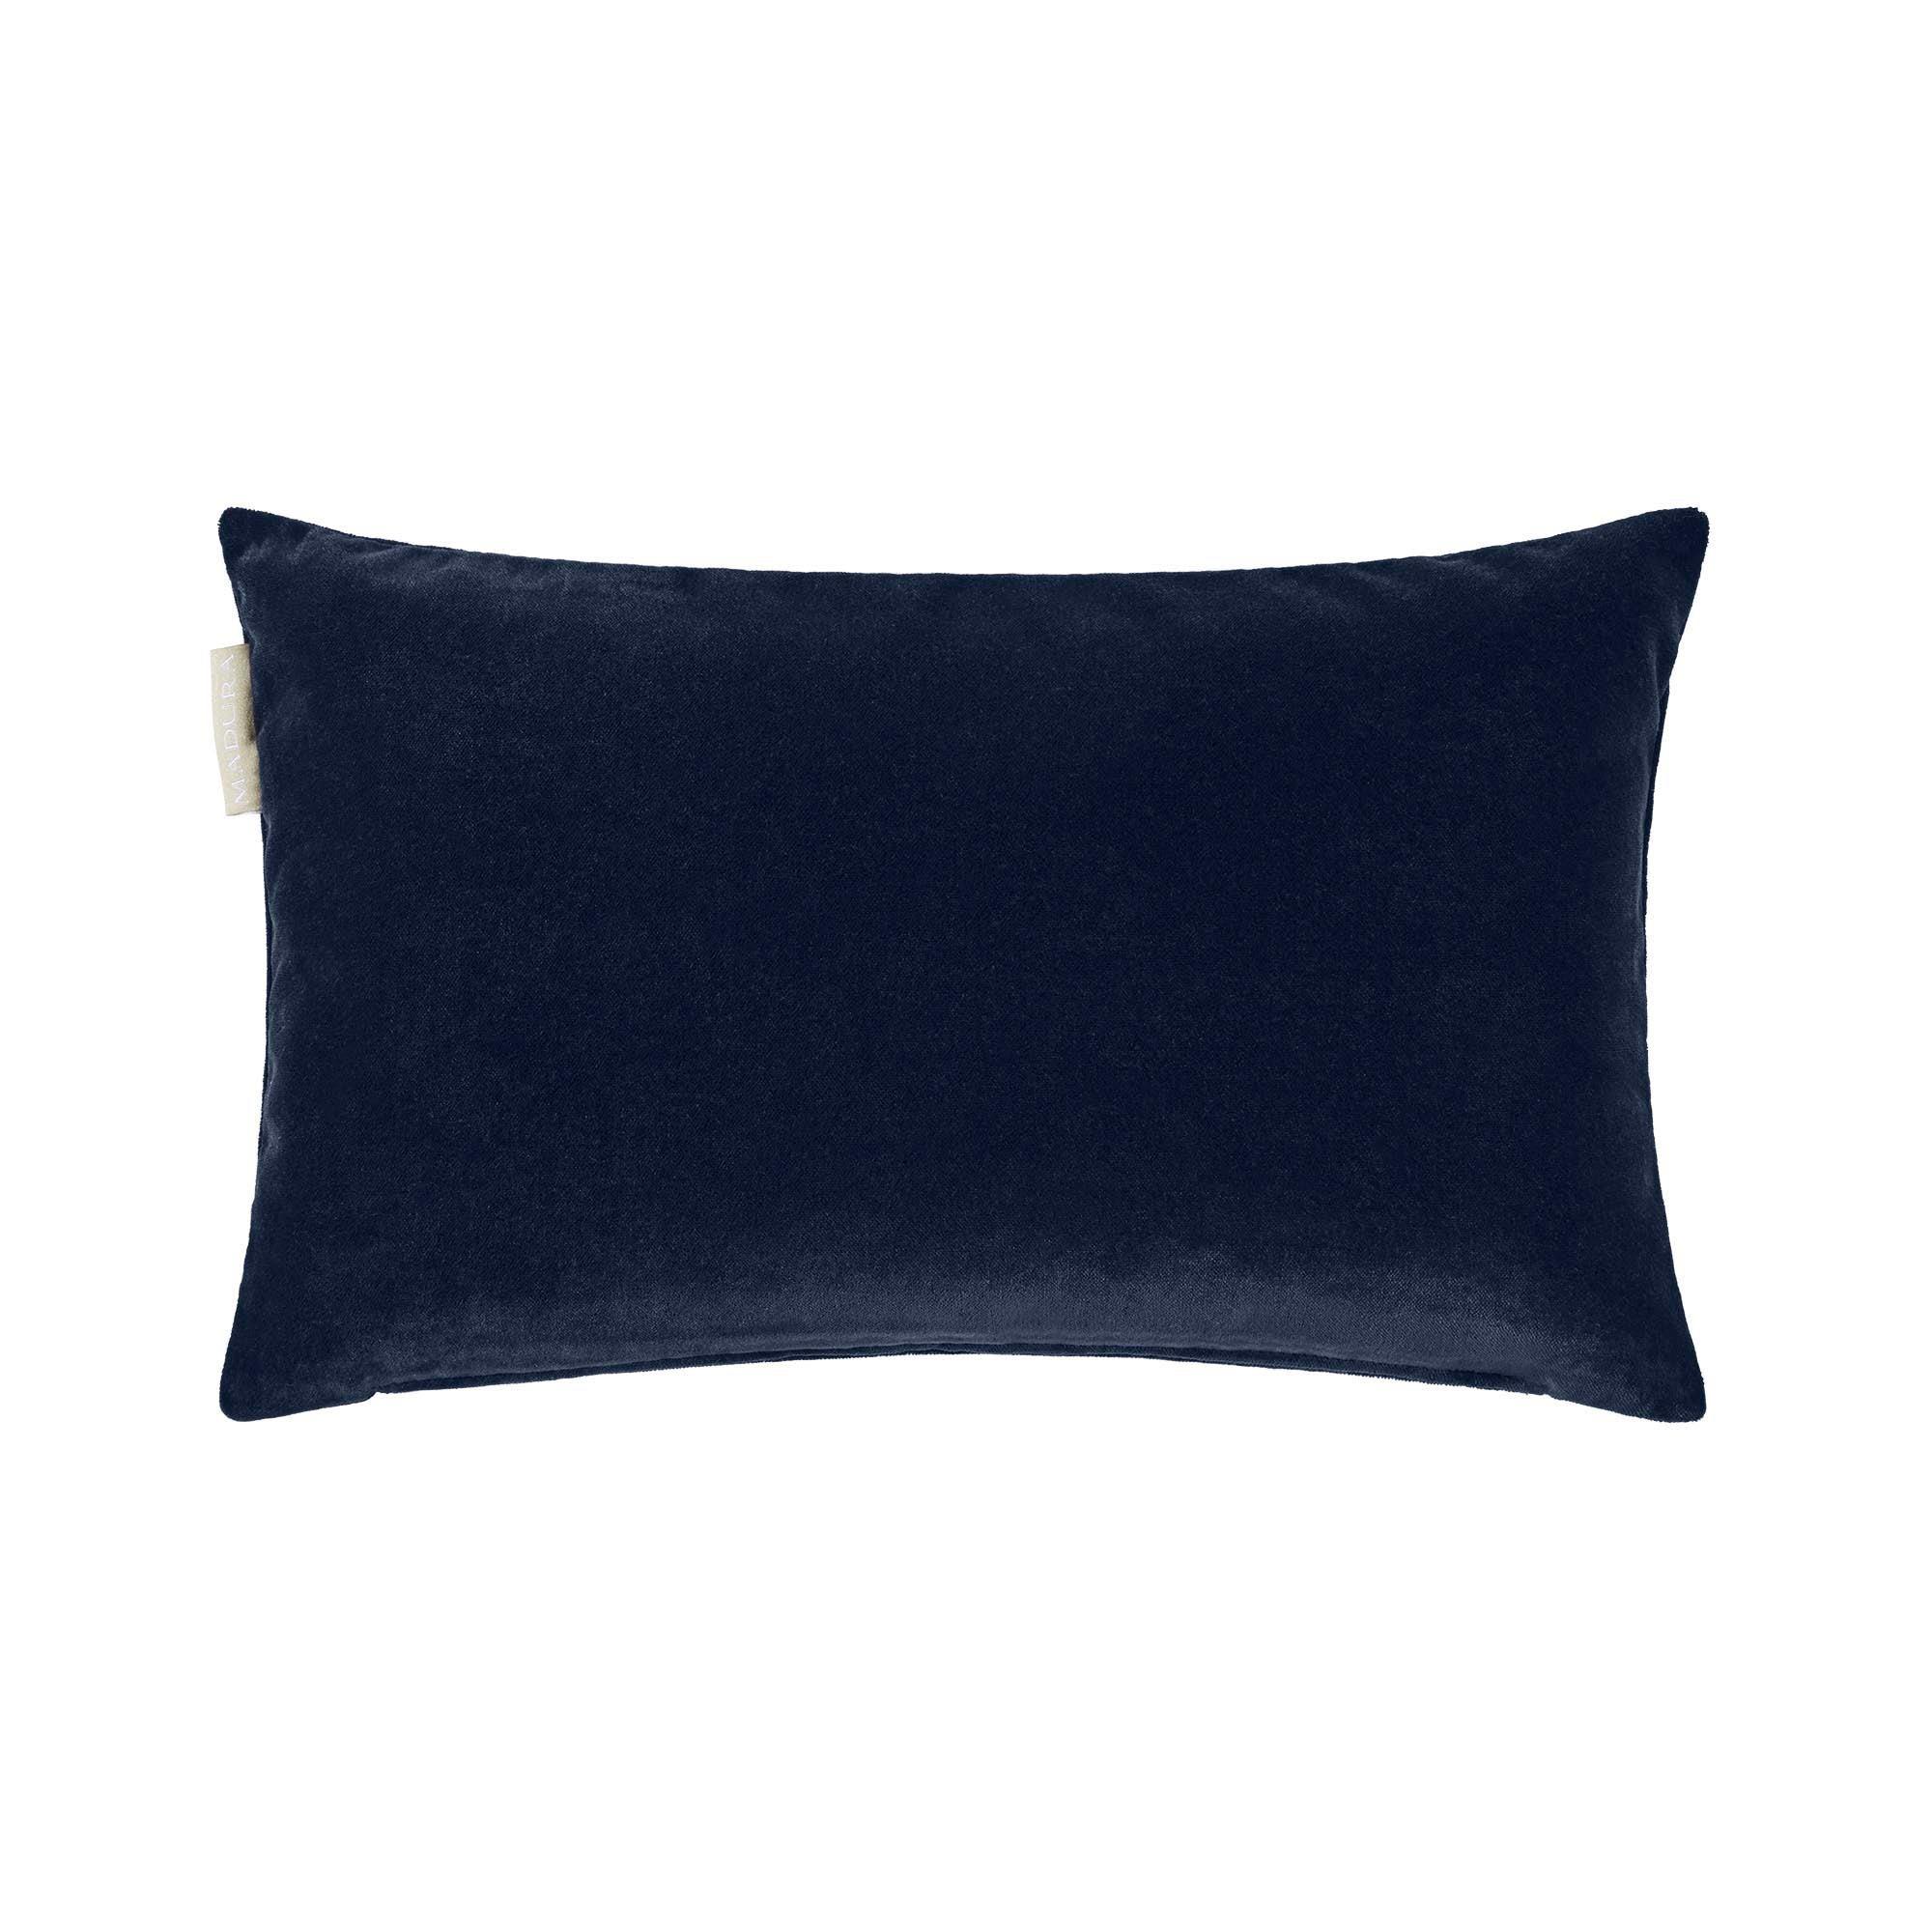 Housse de coussin 28x47 cm Bleu marine